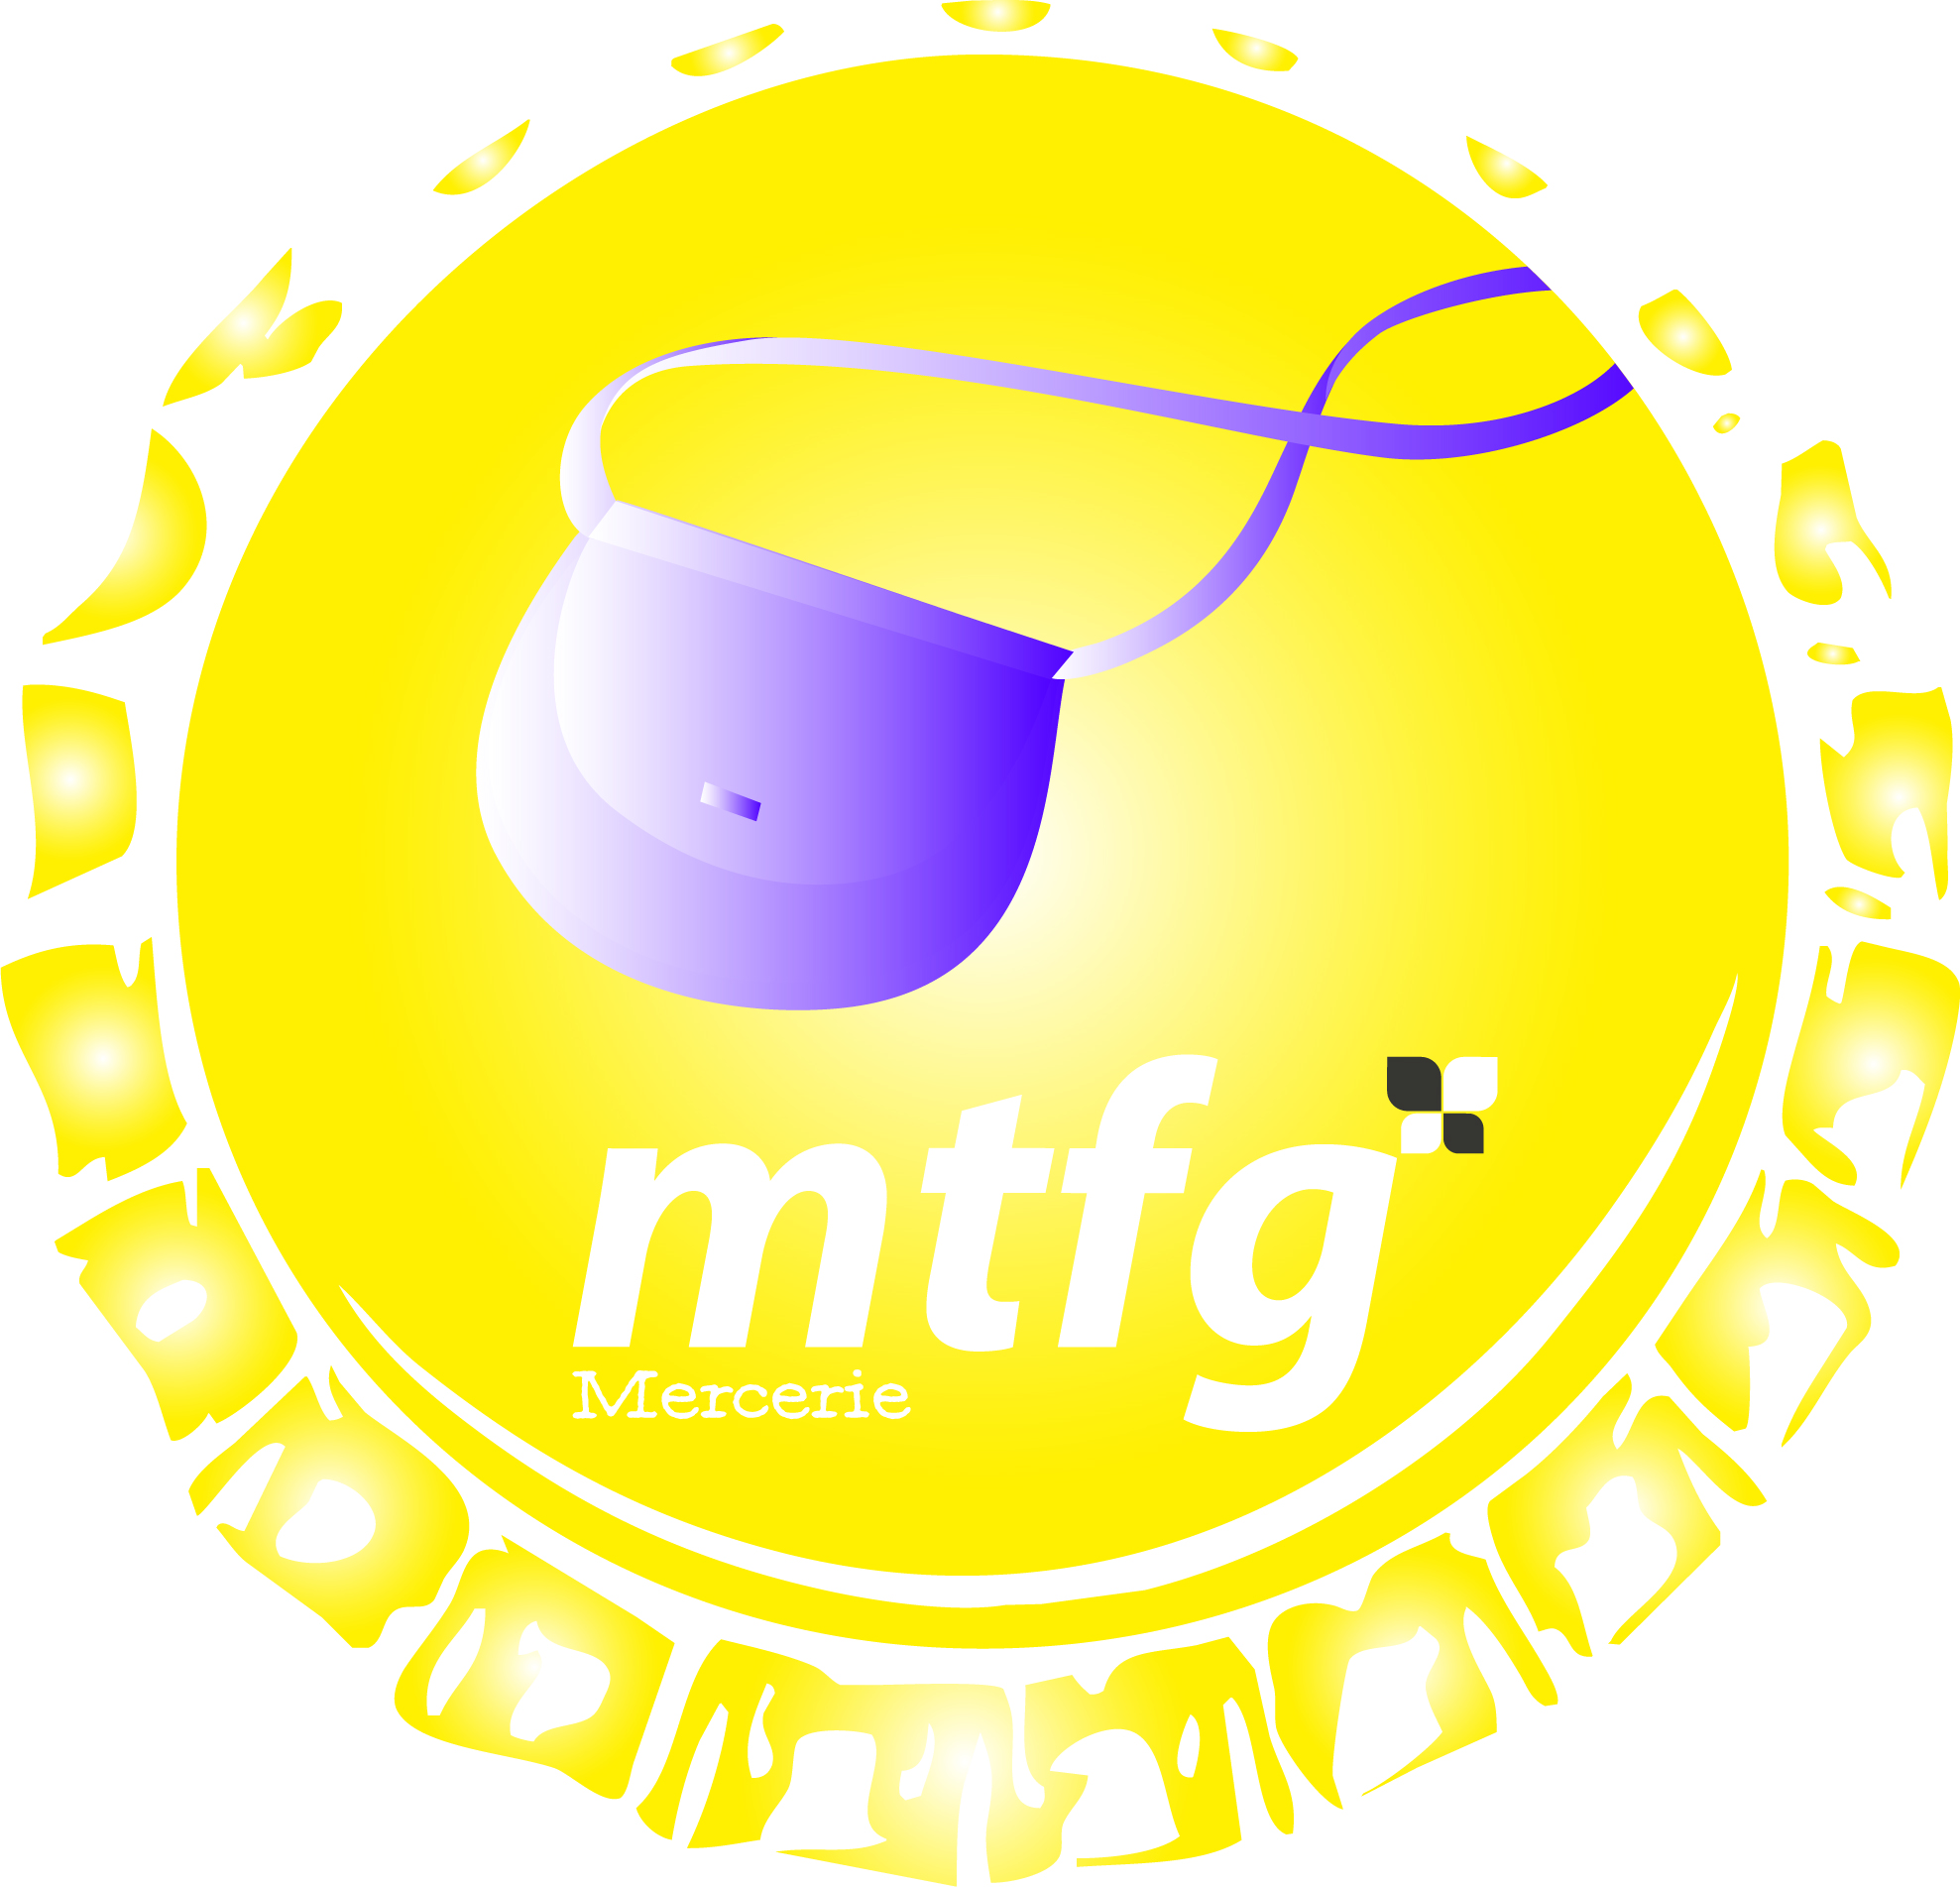 MTFG Mercerie